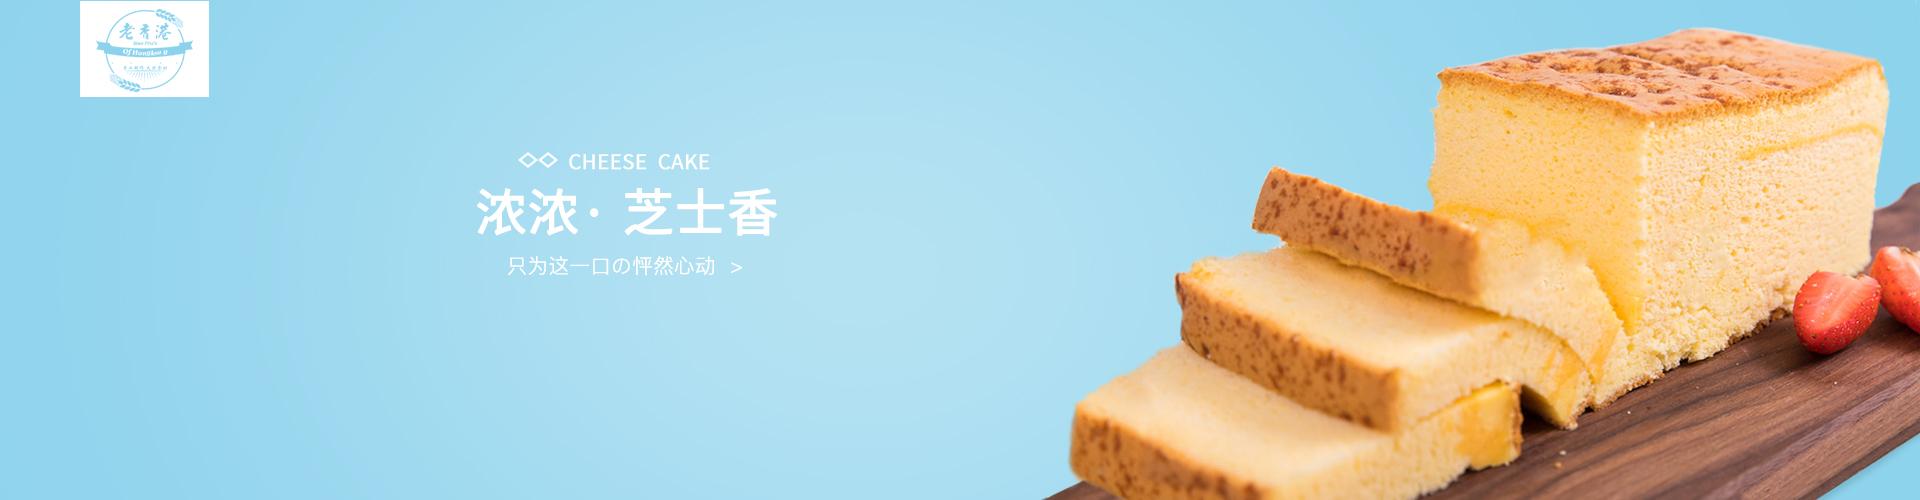 2020济南北京青岛深圳天津老香港手工蛋糕加盟流程/前景/条件怎么样